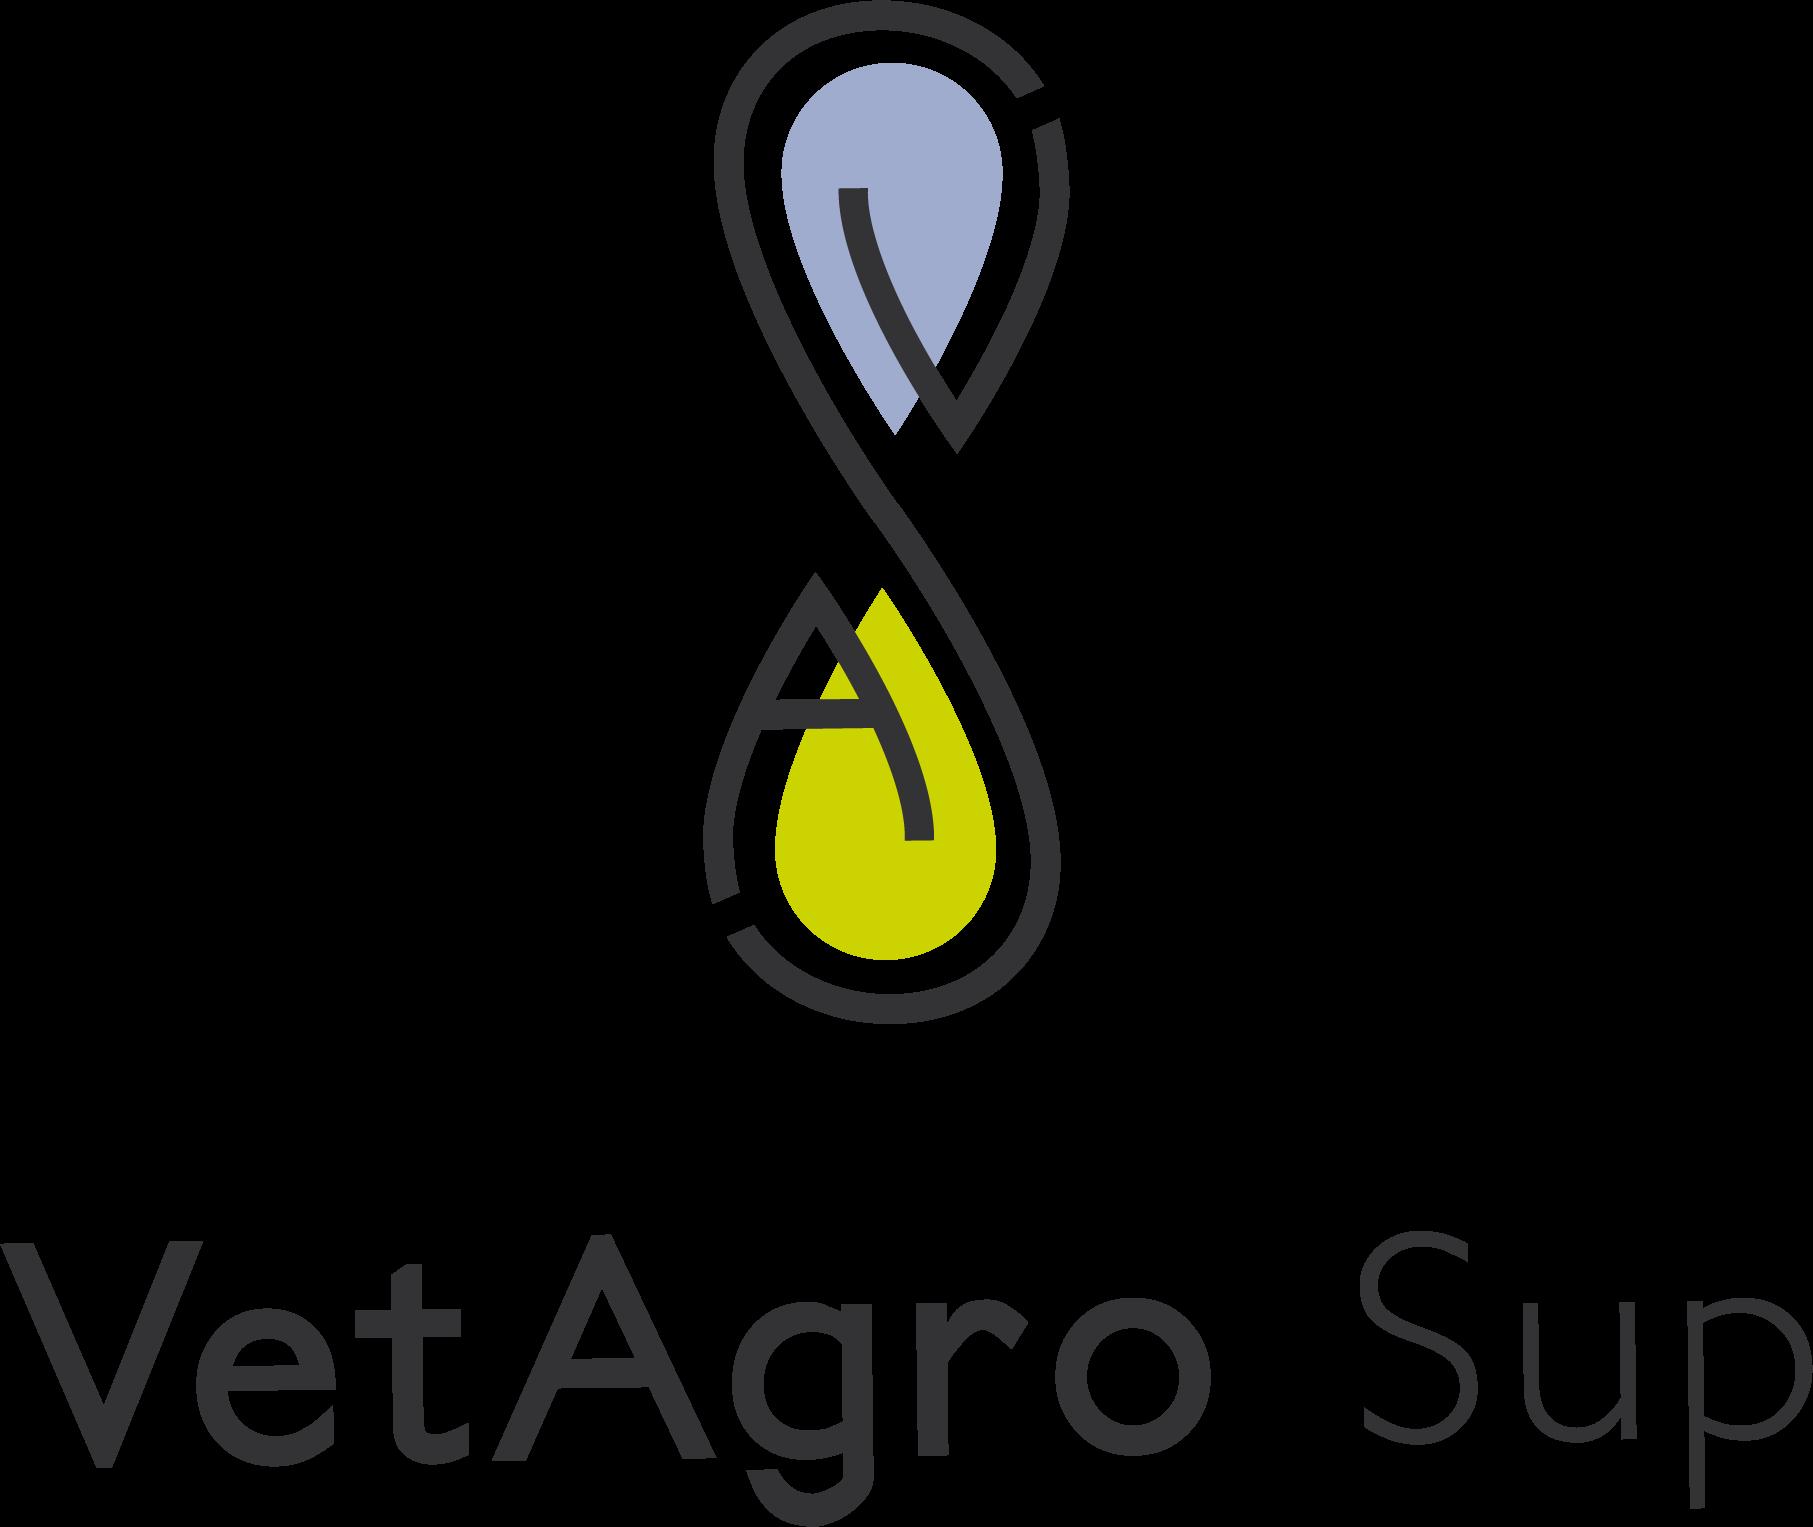 Vetagro Sup